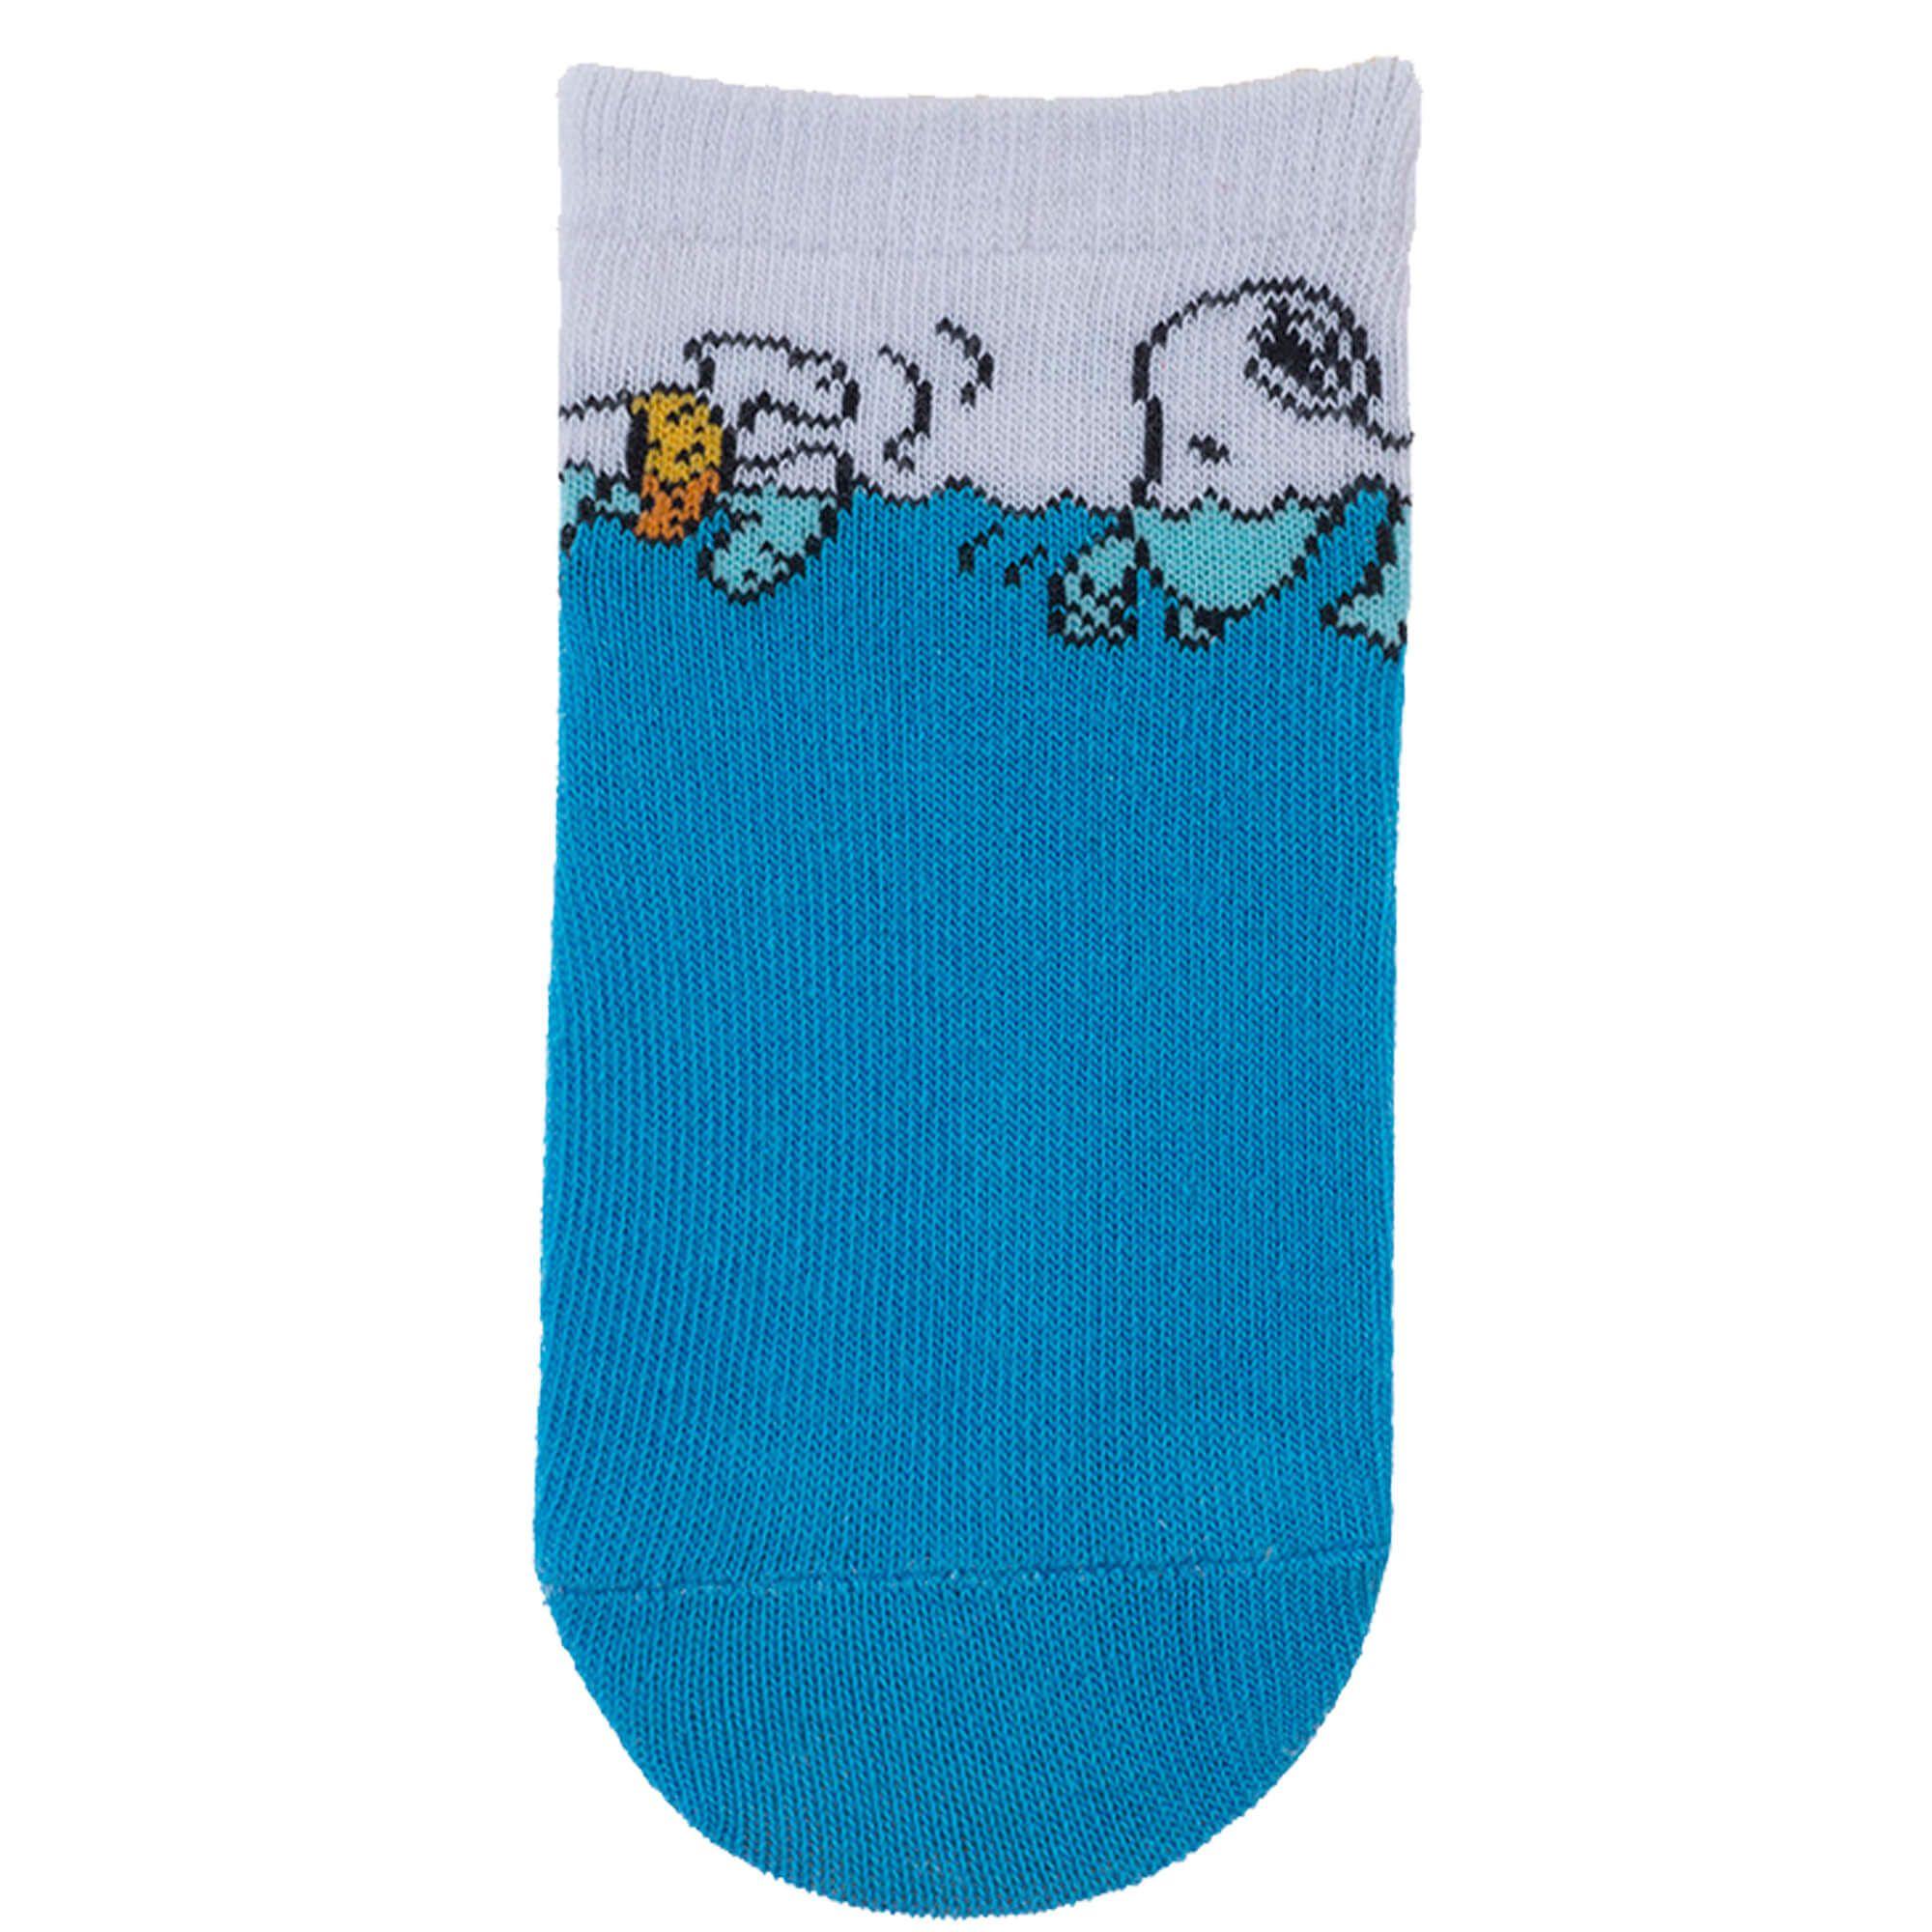 Meia Pimpolho Snoopy Nadador – Azul e Branco – 16 a 20